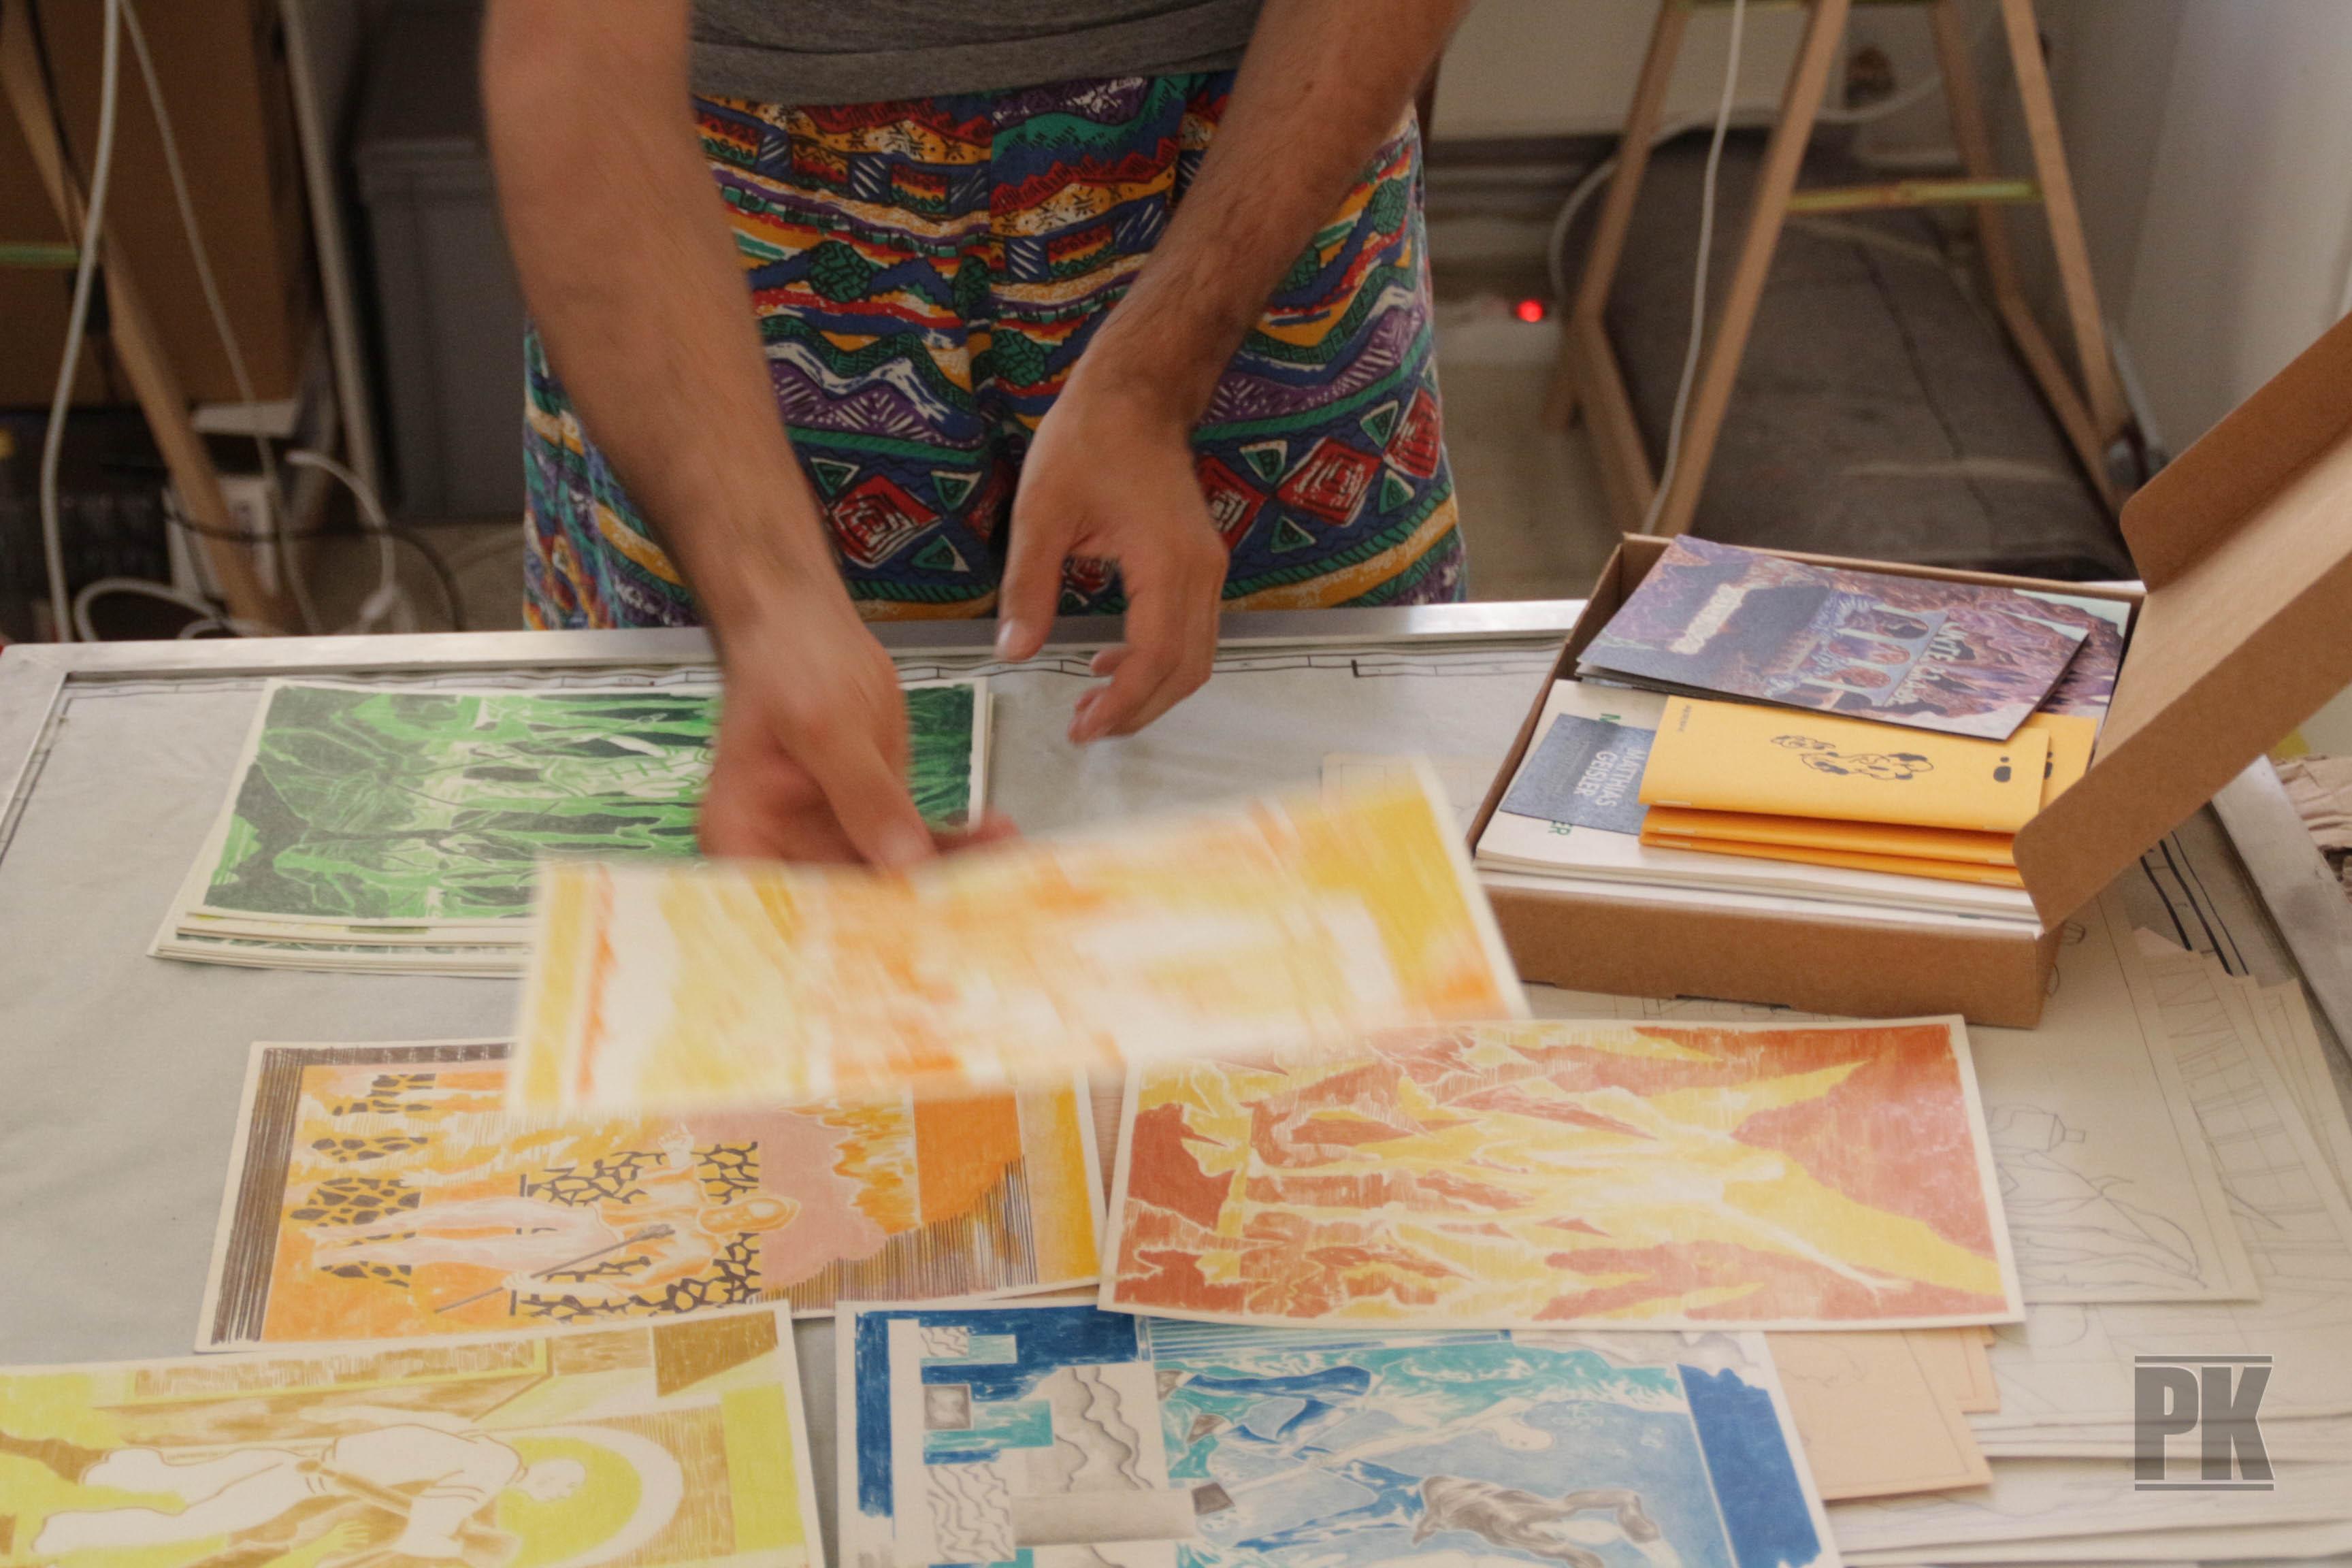 Matthias-Geissler-PILOTNEKUECHE-International-Art-Program-Leipzig-Germany-photo-Stanley-Louis-for-PK-3